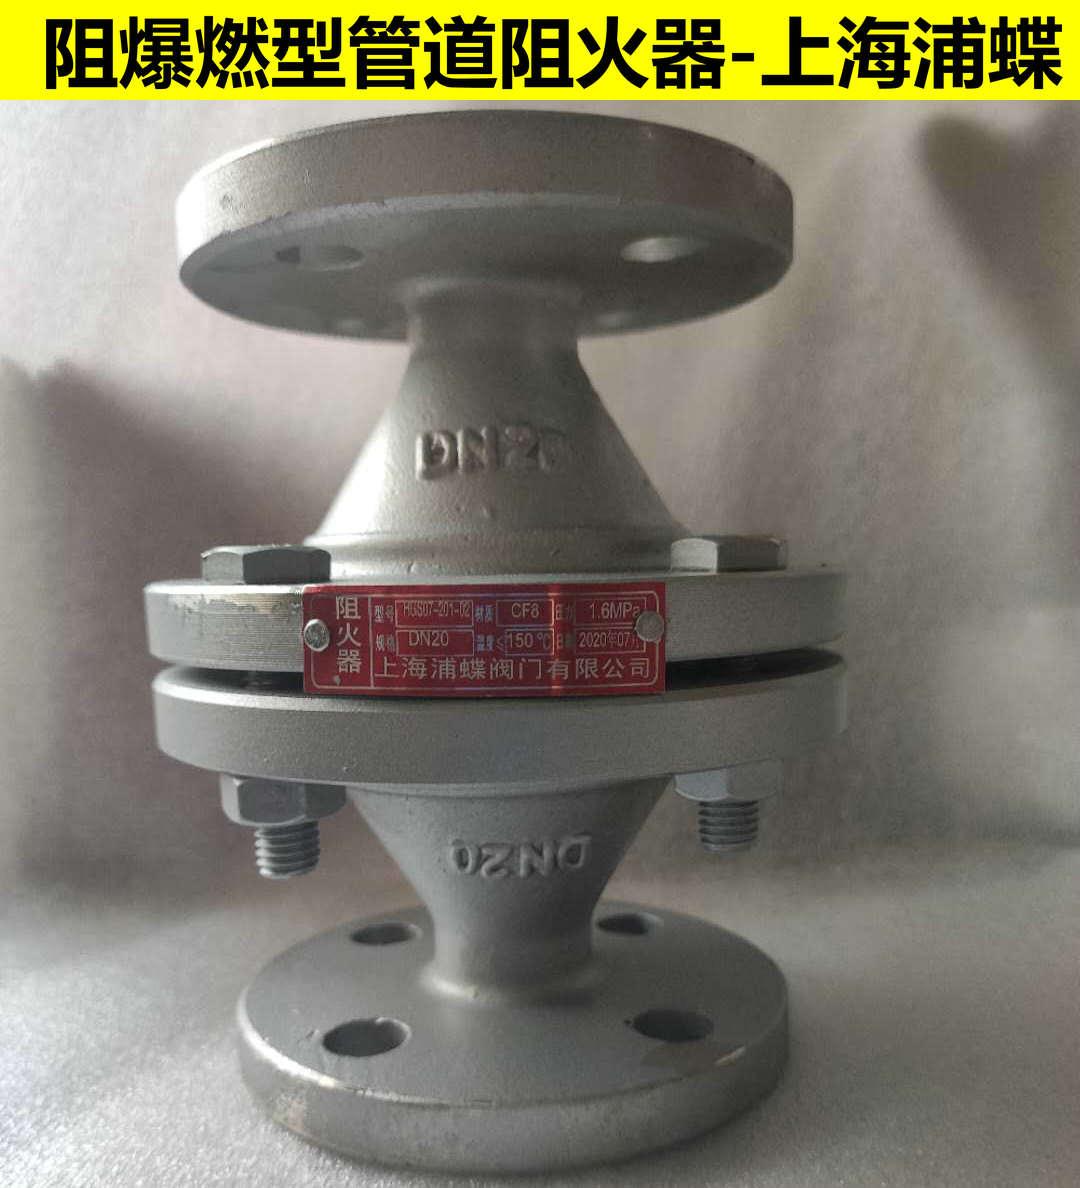 阻爆燃型管道阻火器  GZW-1管道阻火器 上海阻火器品牌示例图2